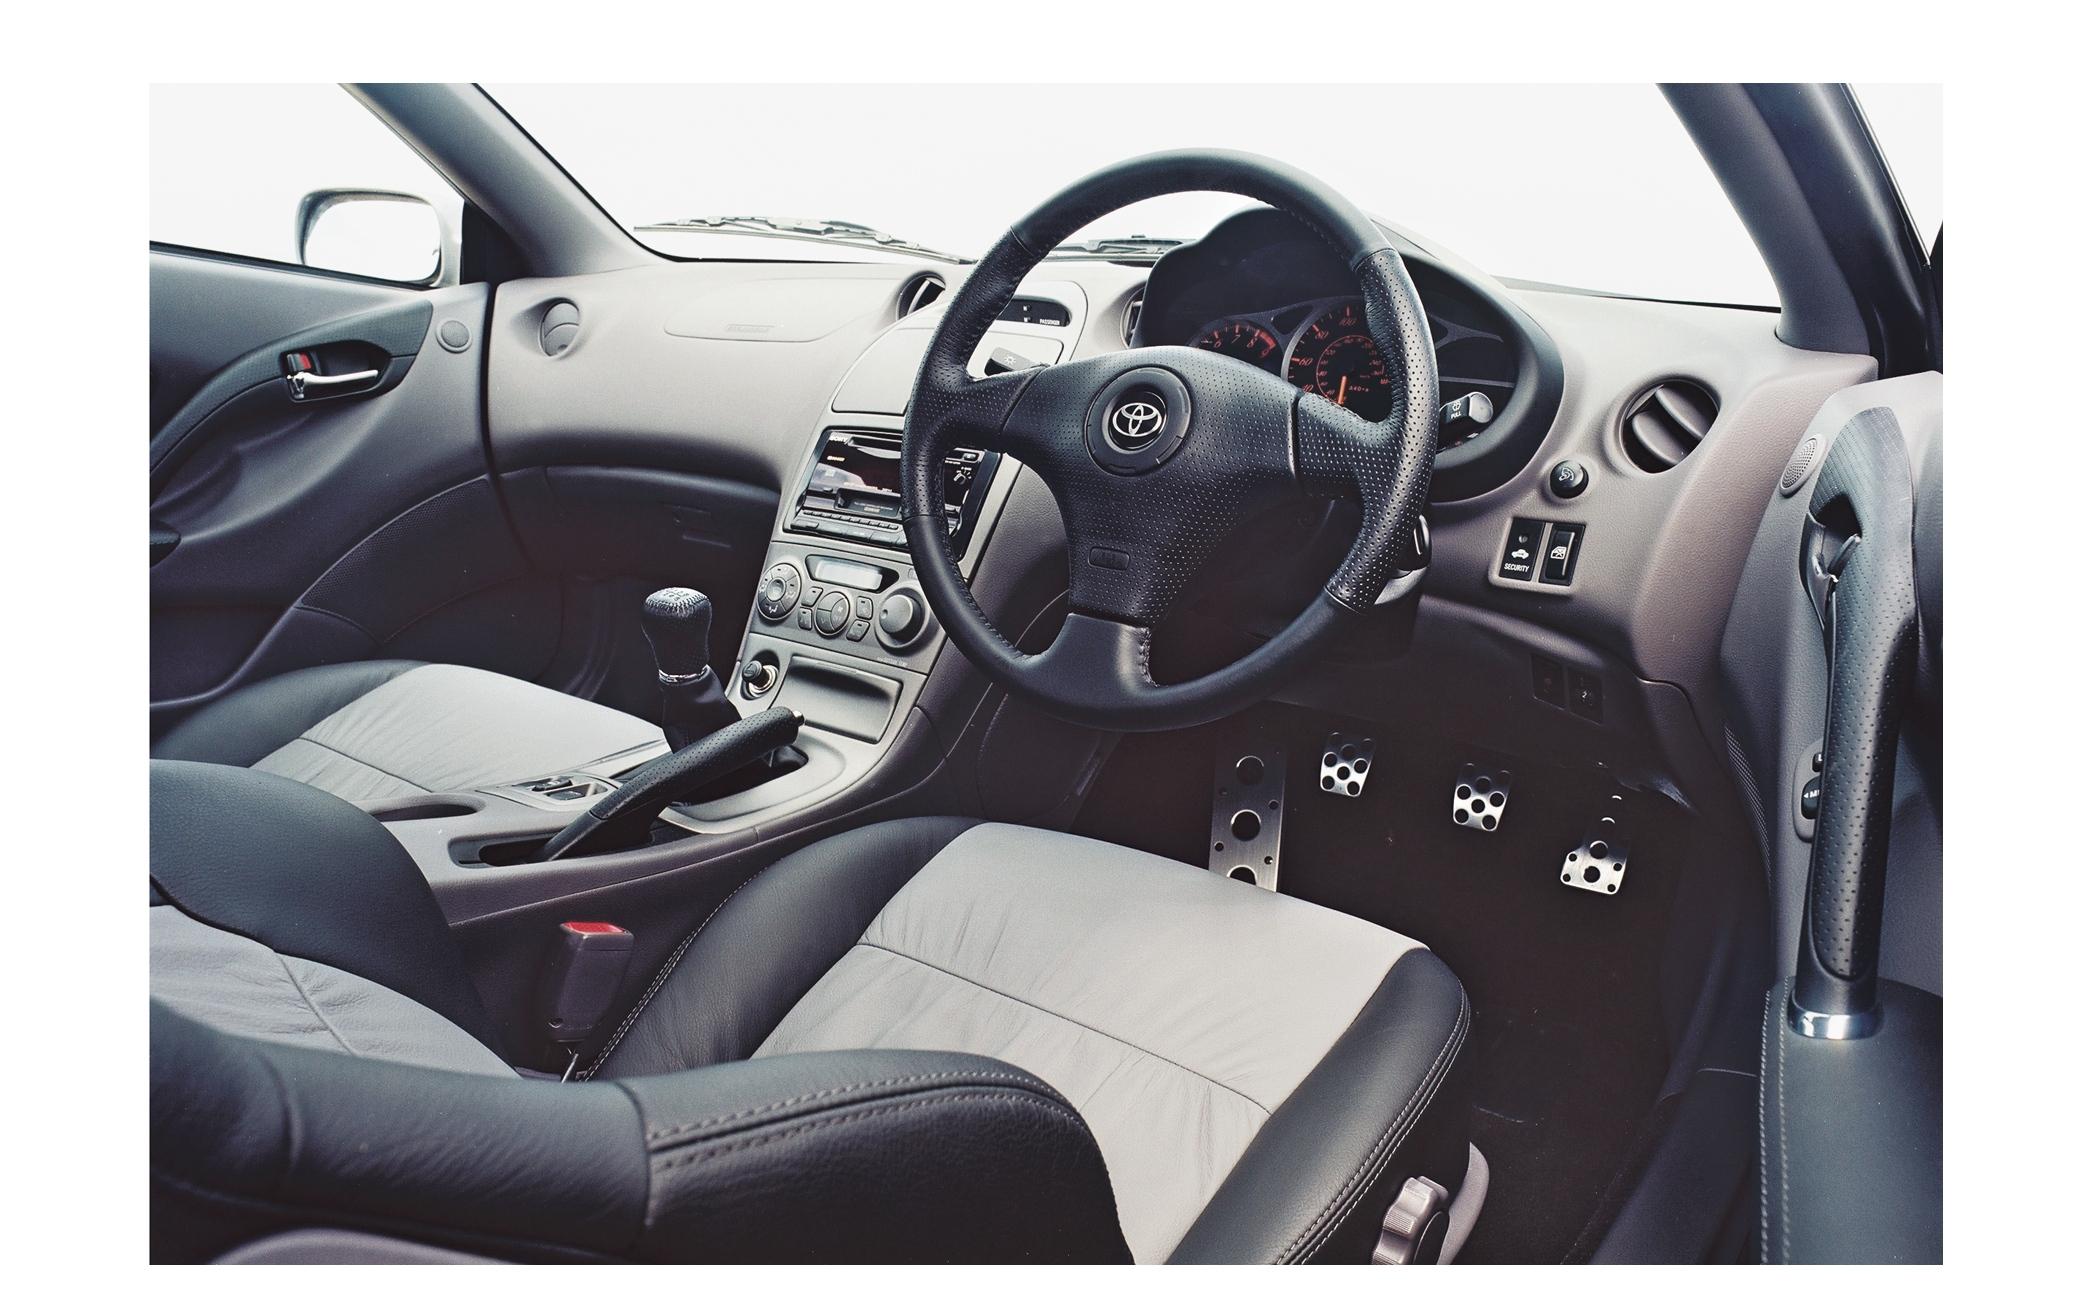 Interiøret på syvende generasjon Toyota Celica